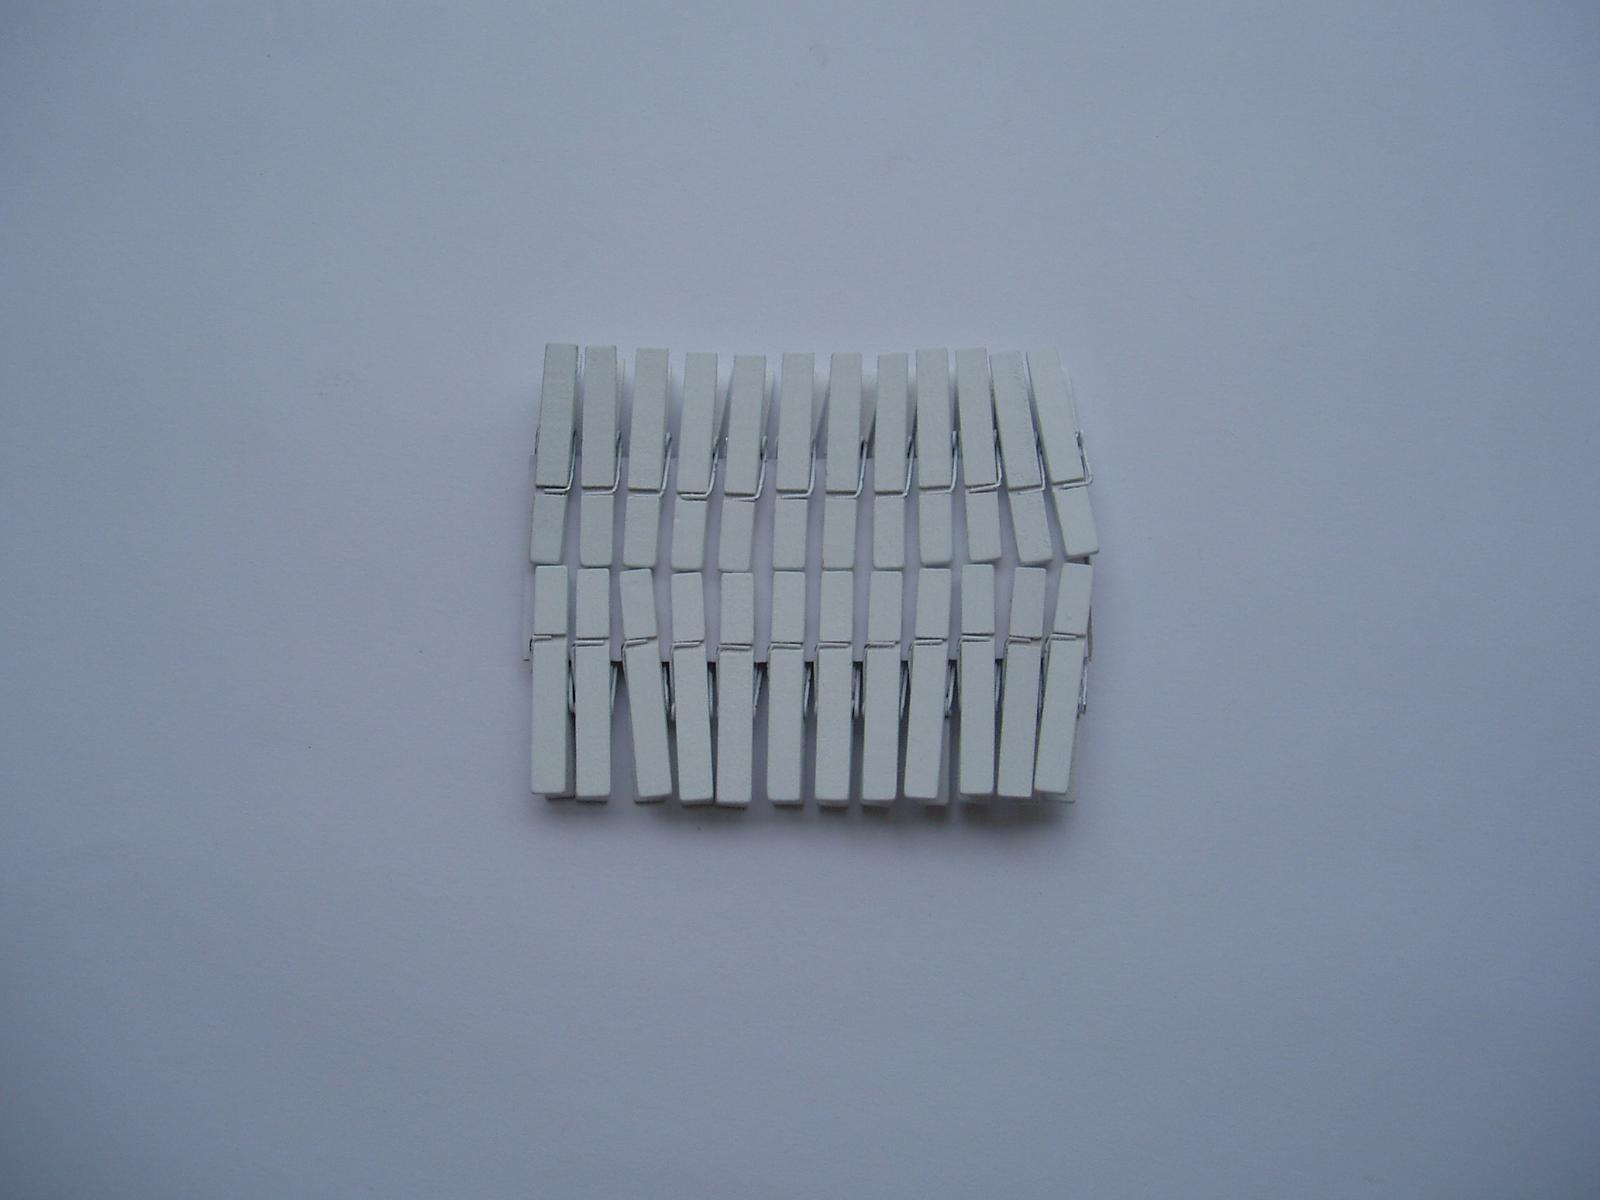 kolíček bílý - Obrázek č. 1